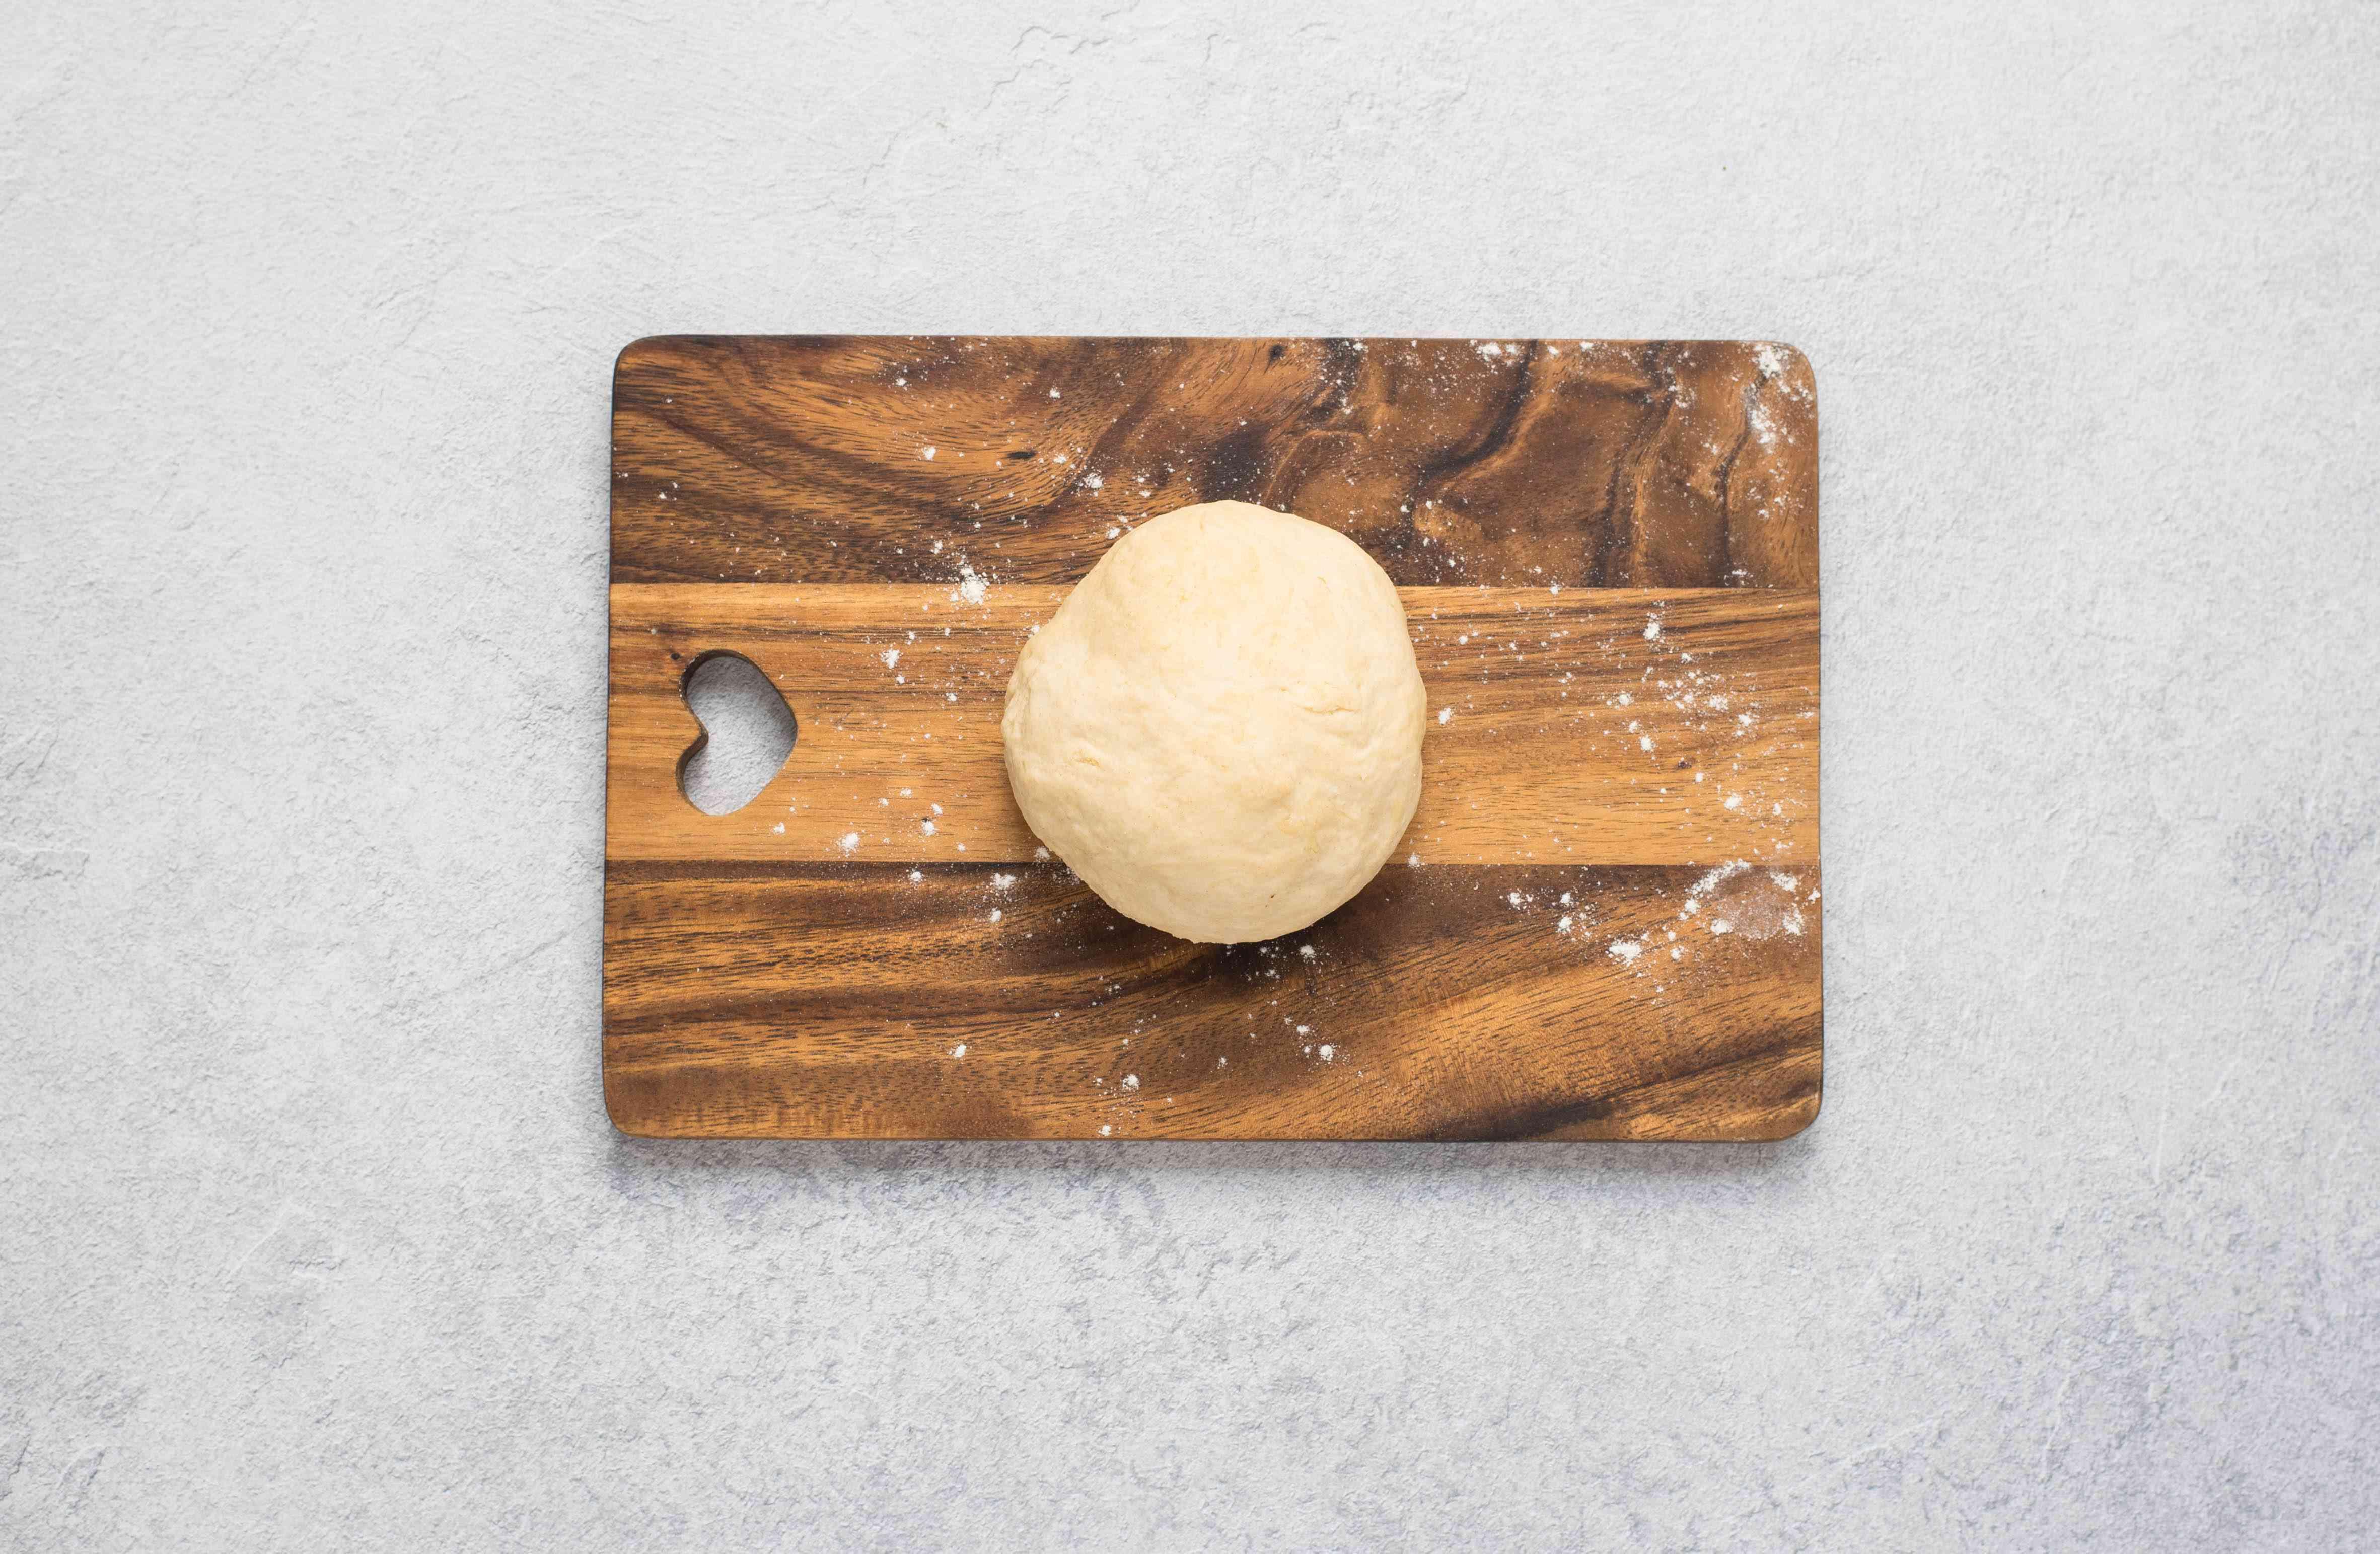 Form dough into ball